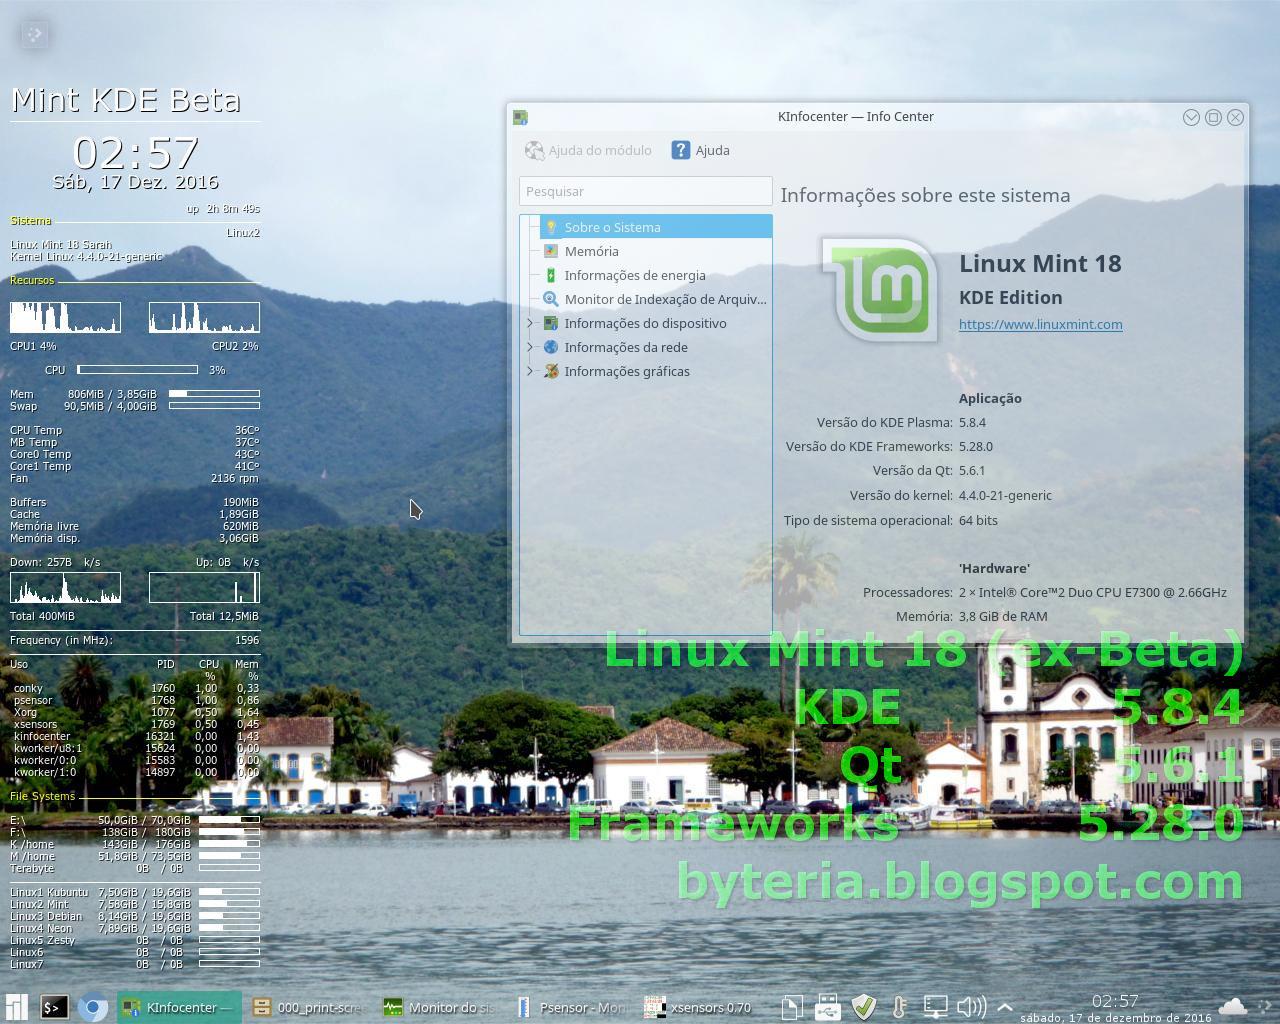 Linux Mint 18 (ex-Beta) com KDE 5.8.4, Qt 5.6